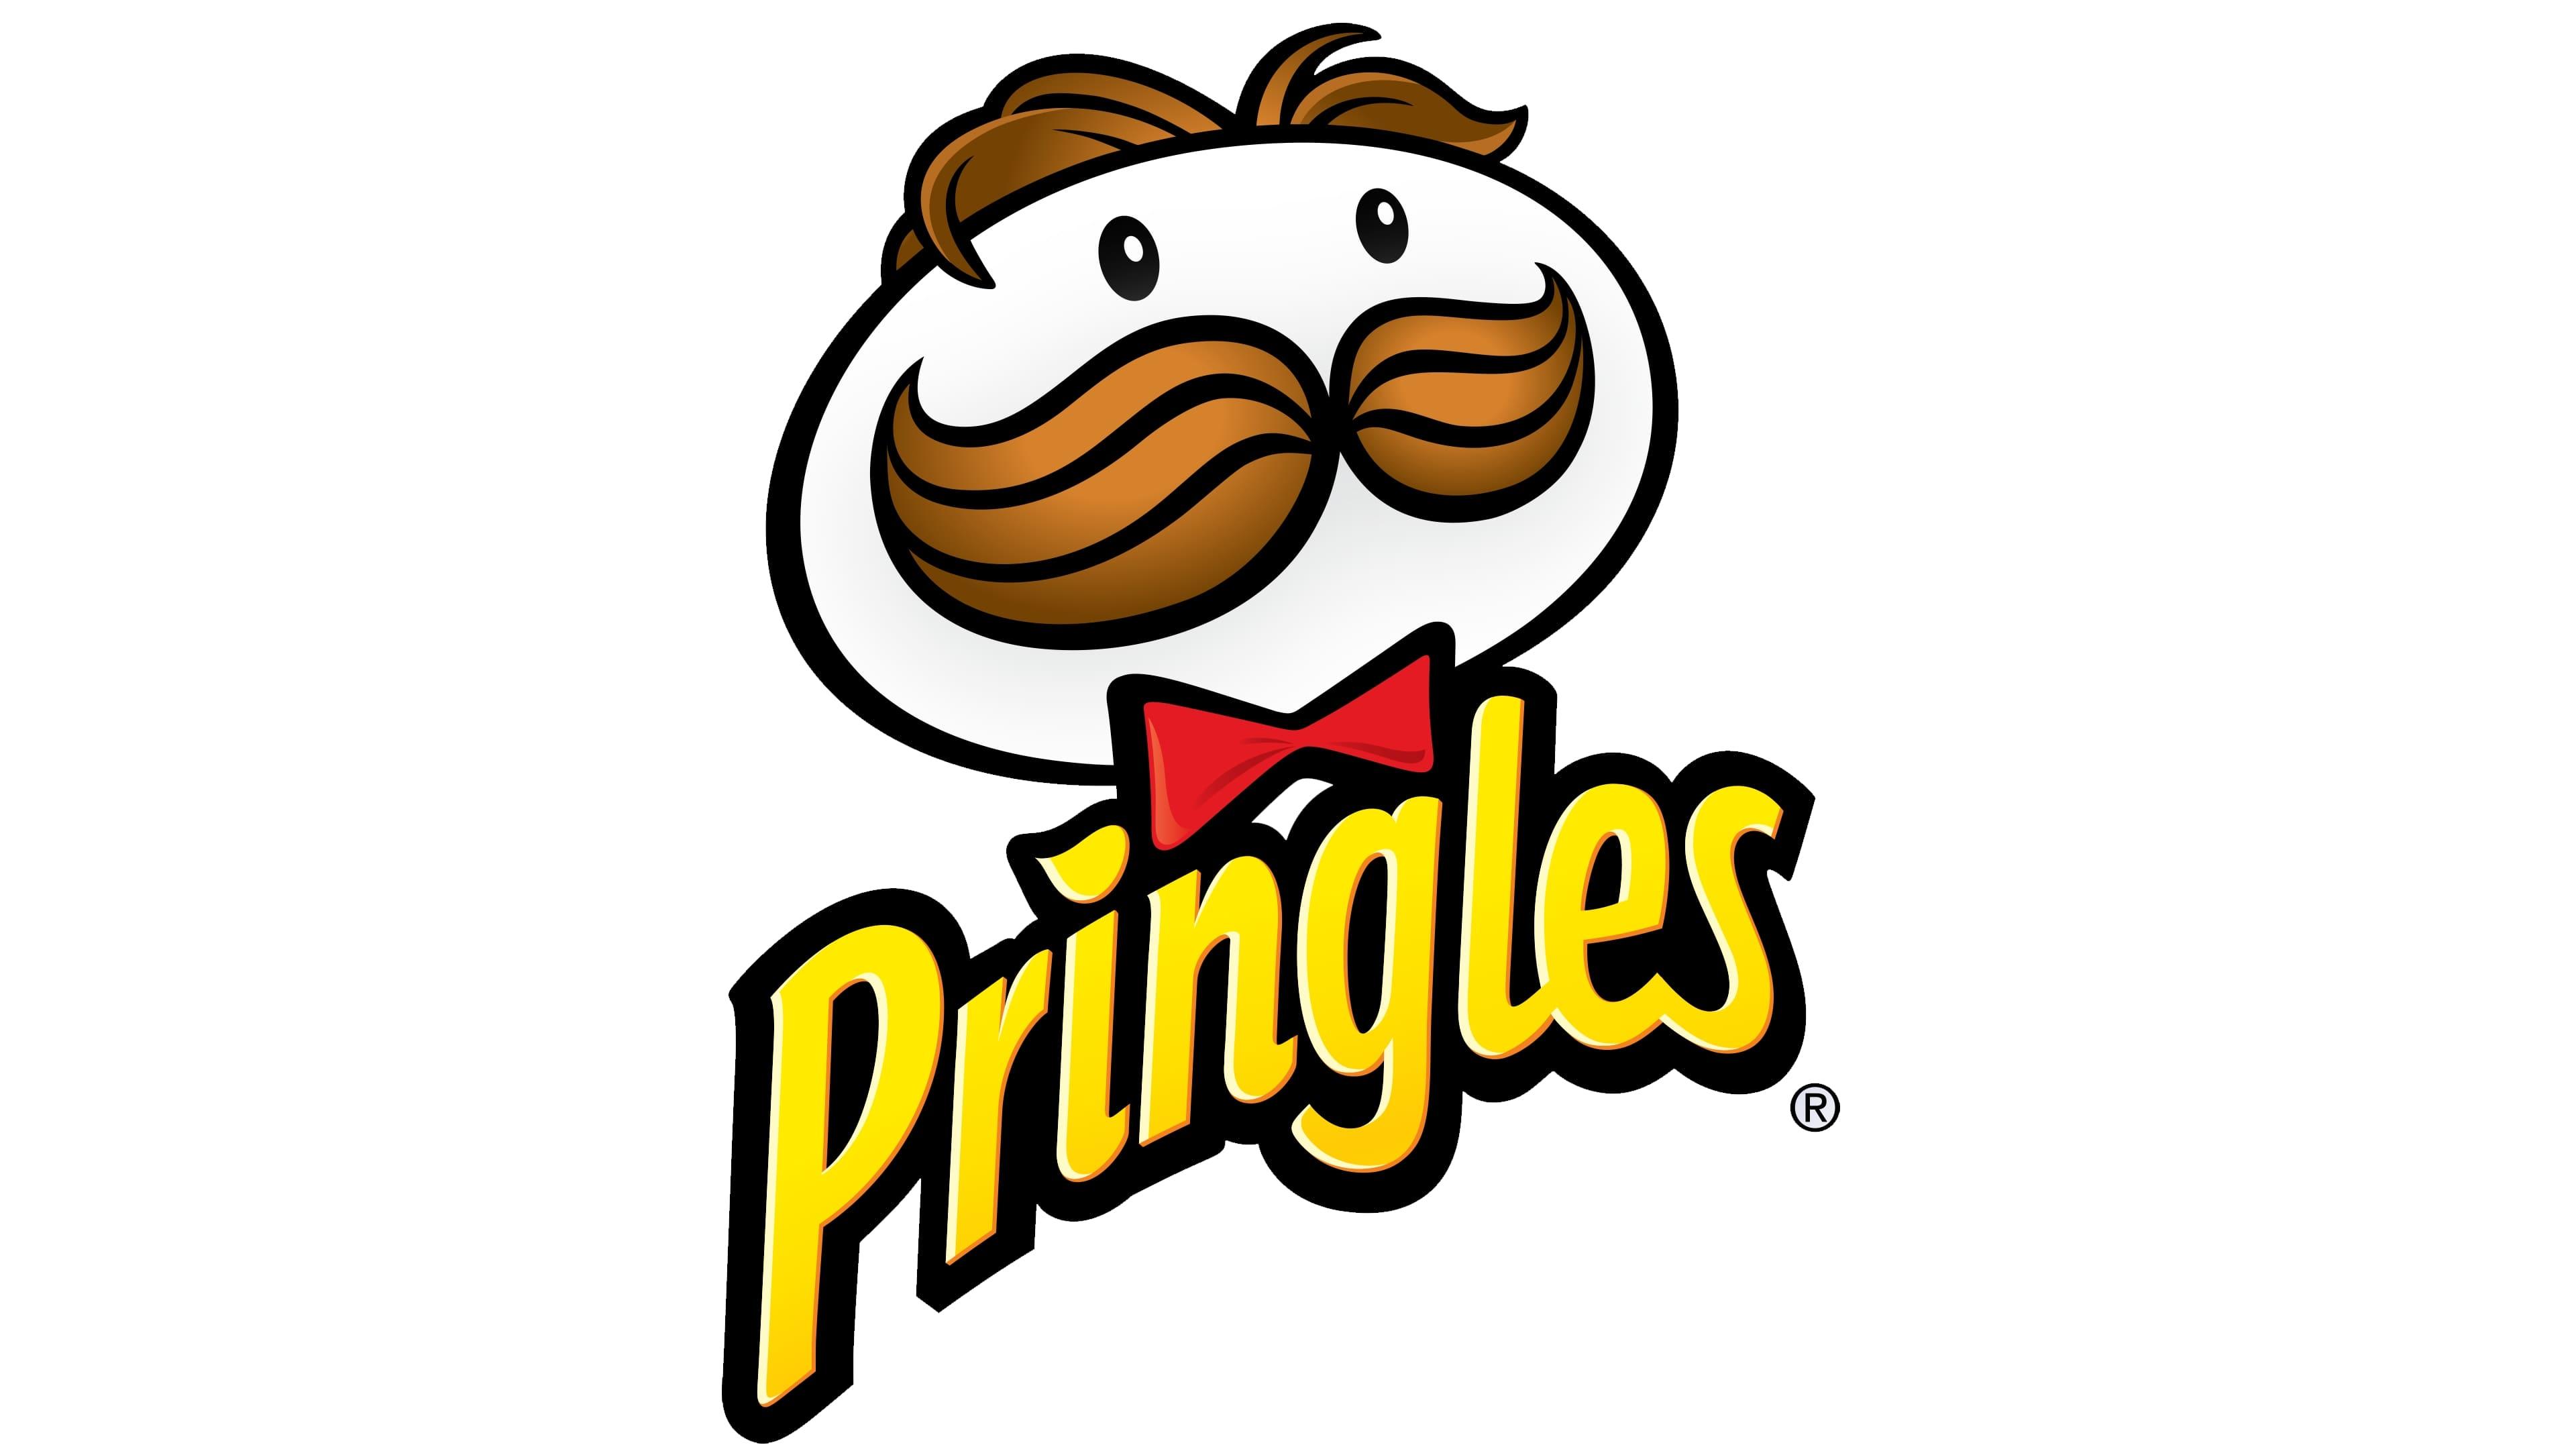 5_Pringles-logo